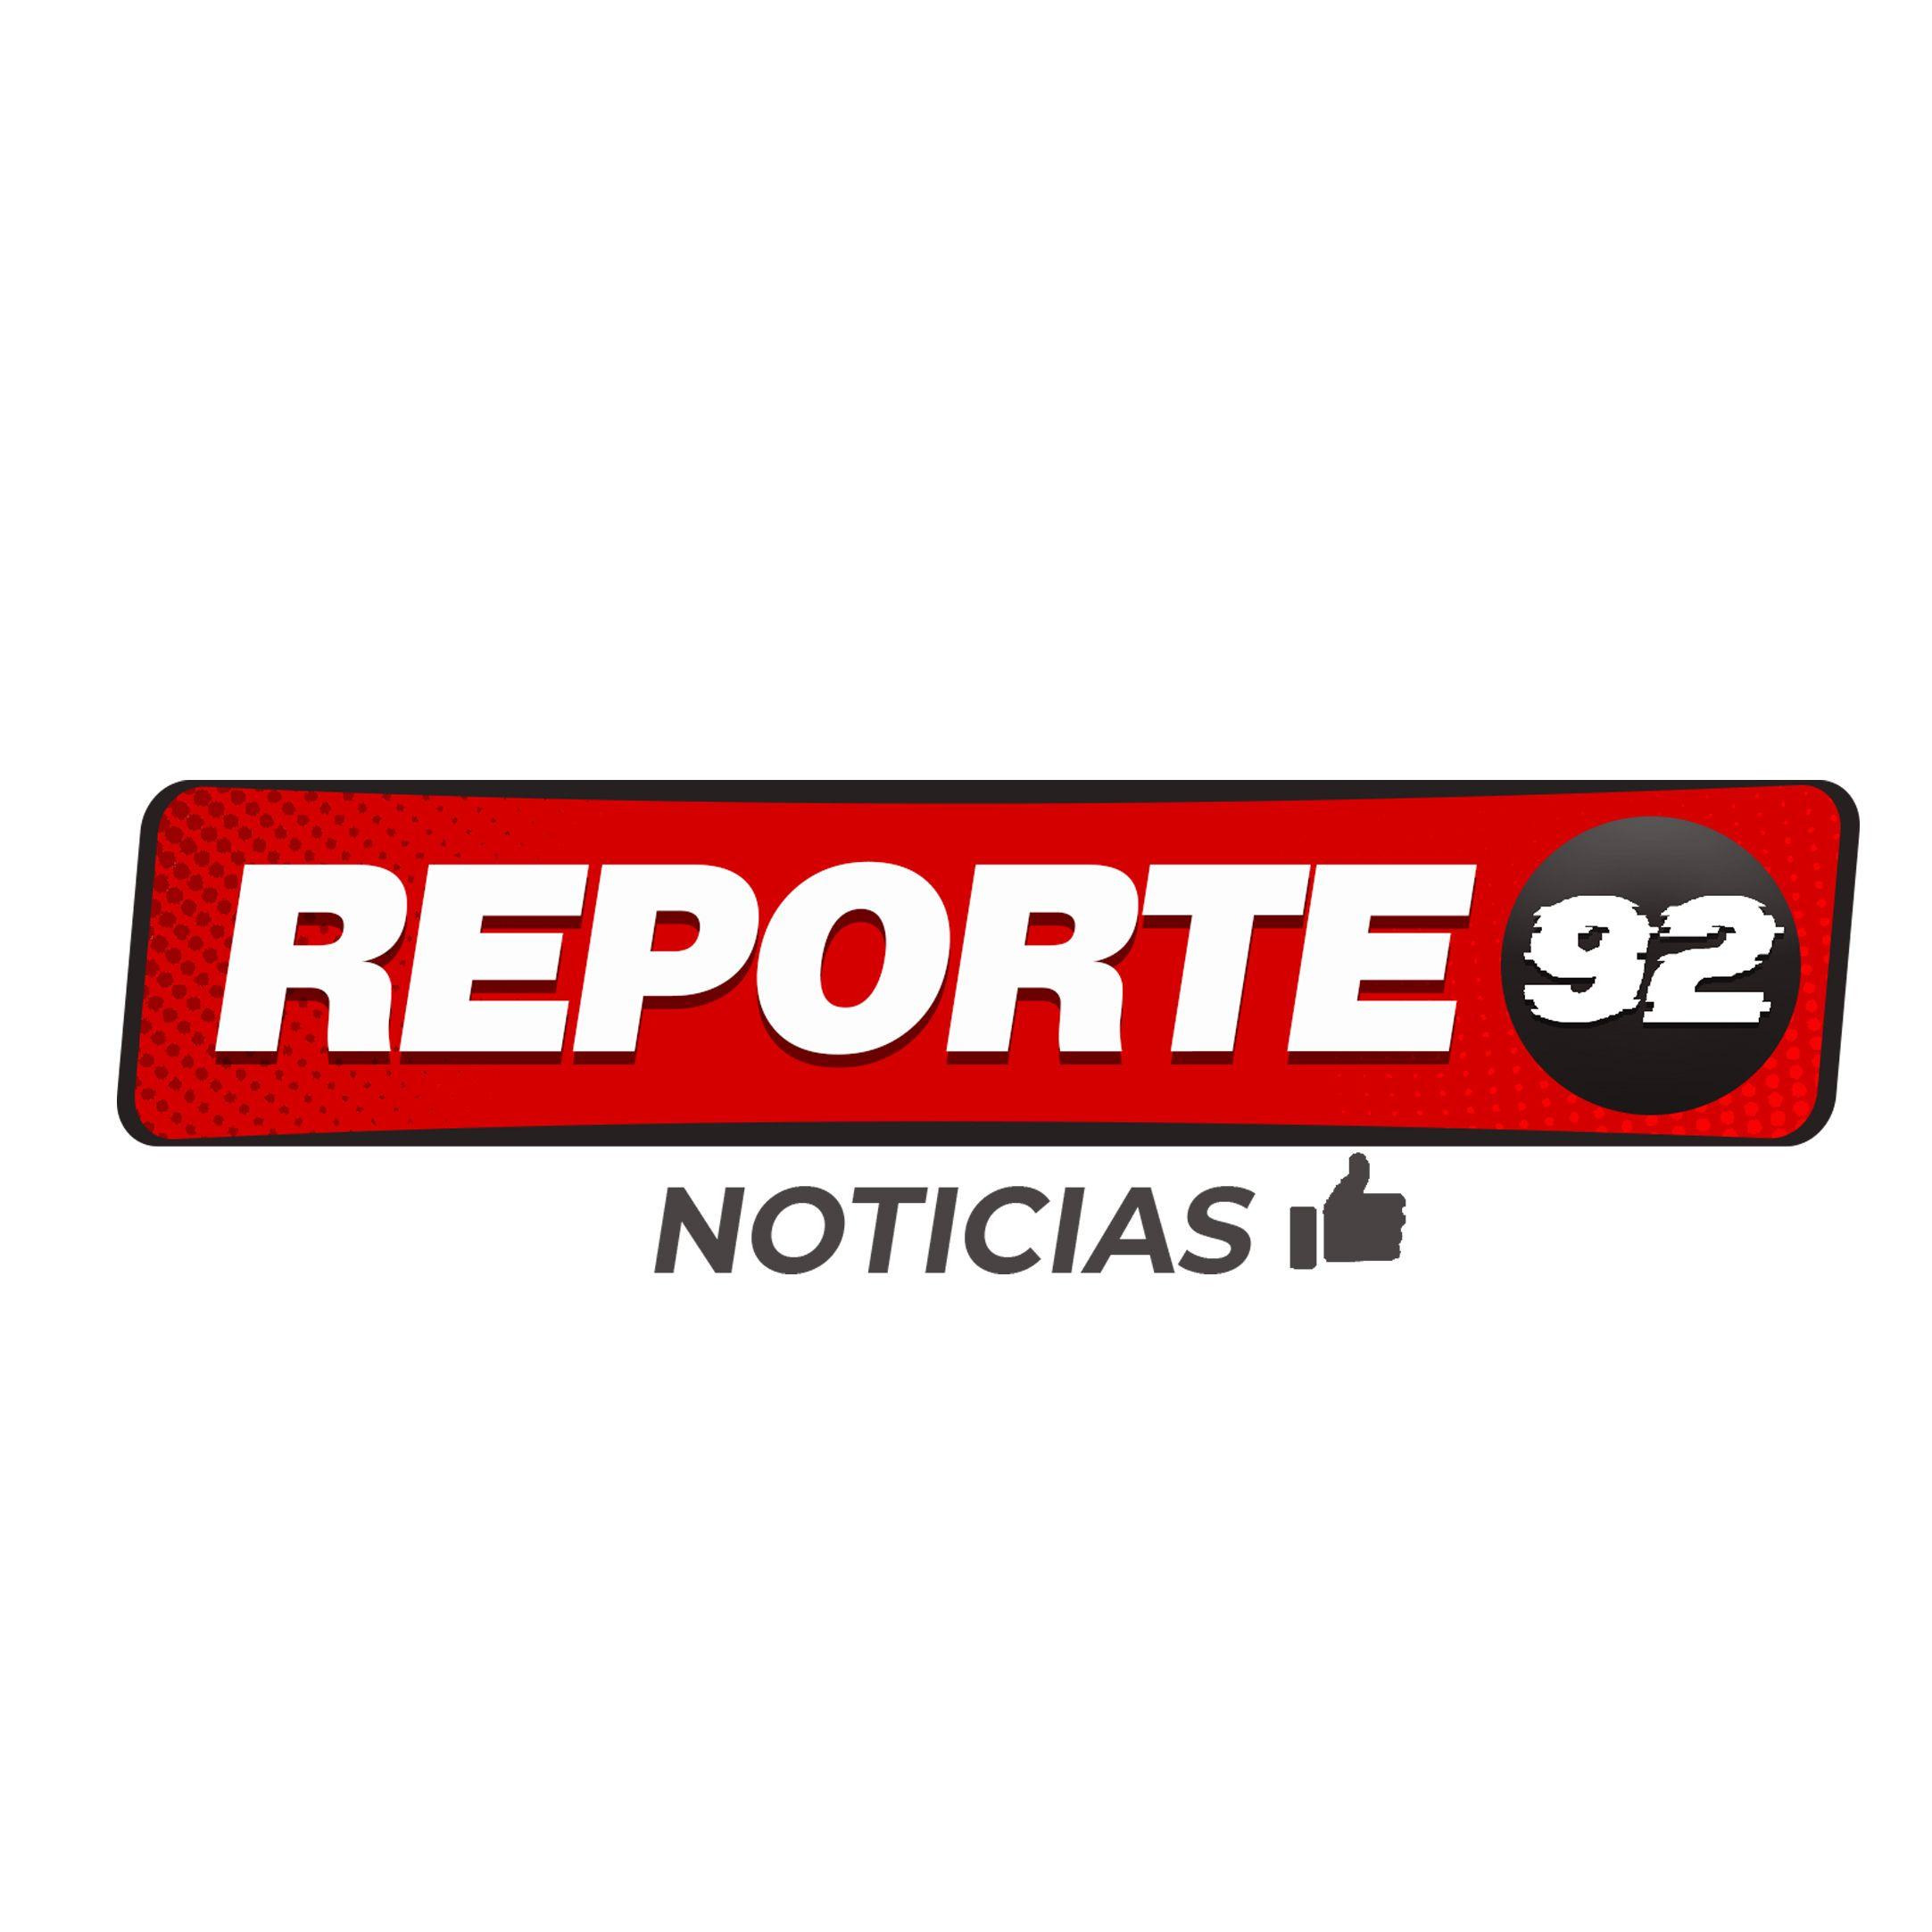 REPORTE 92